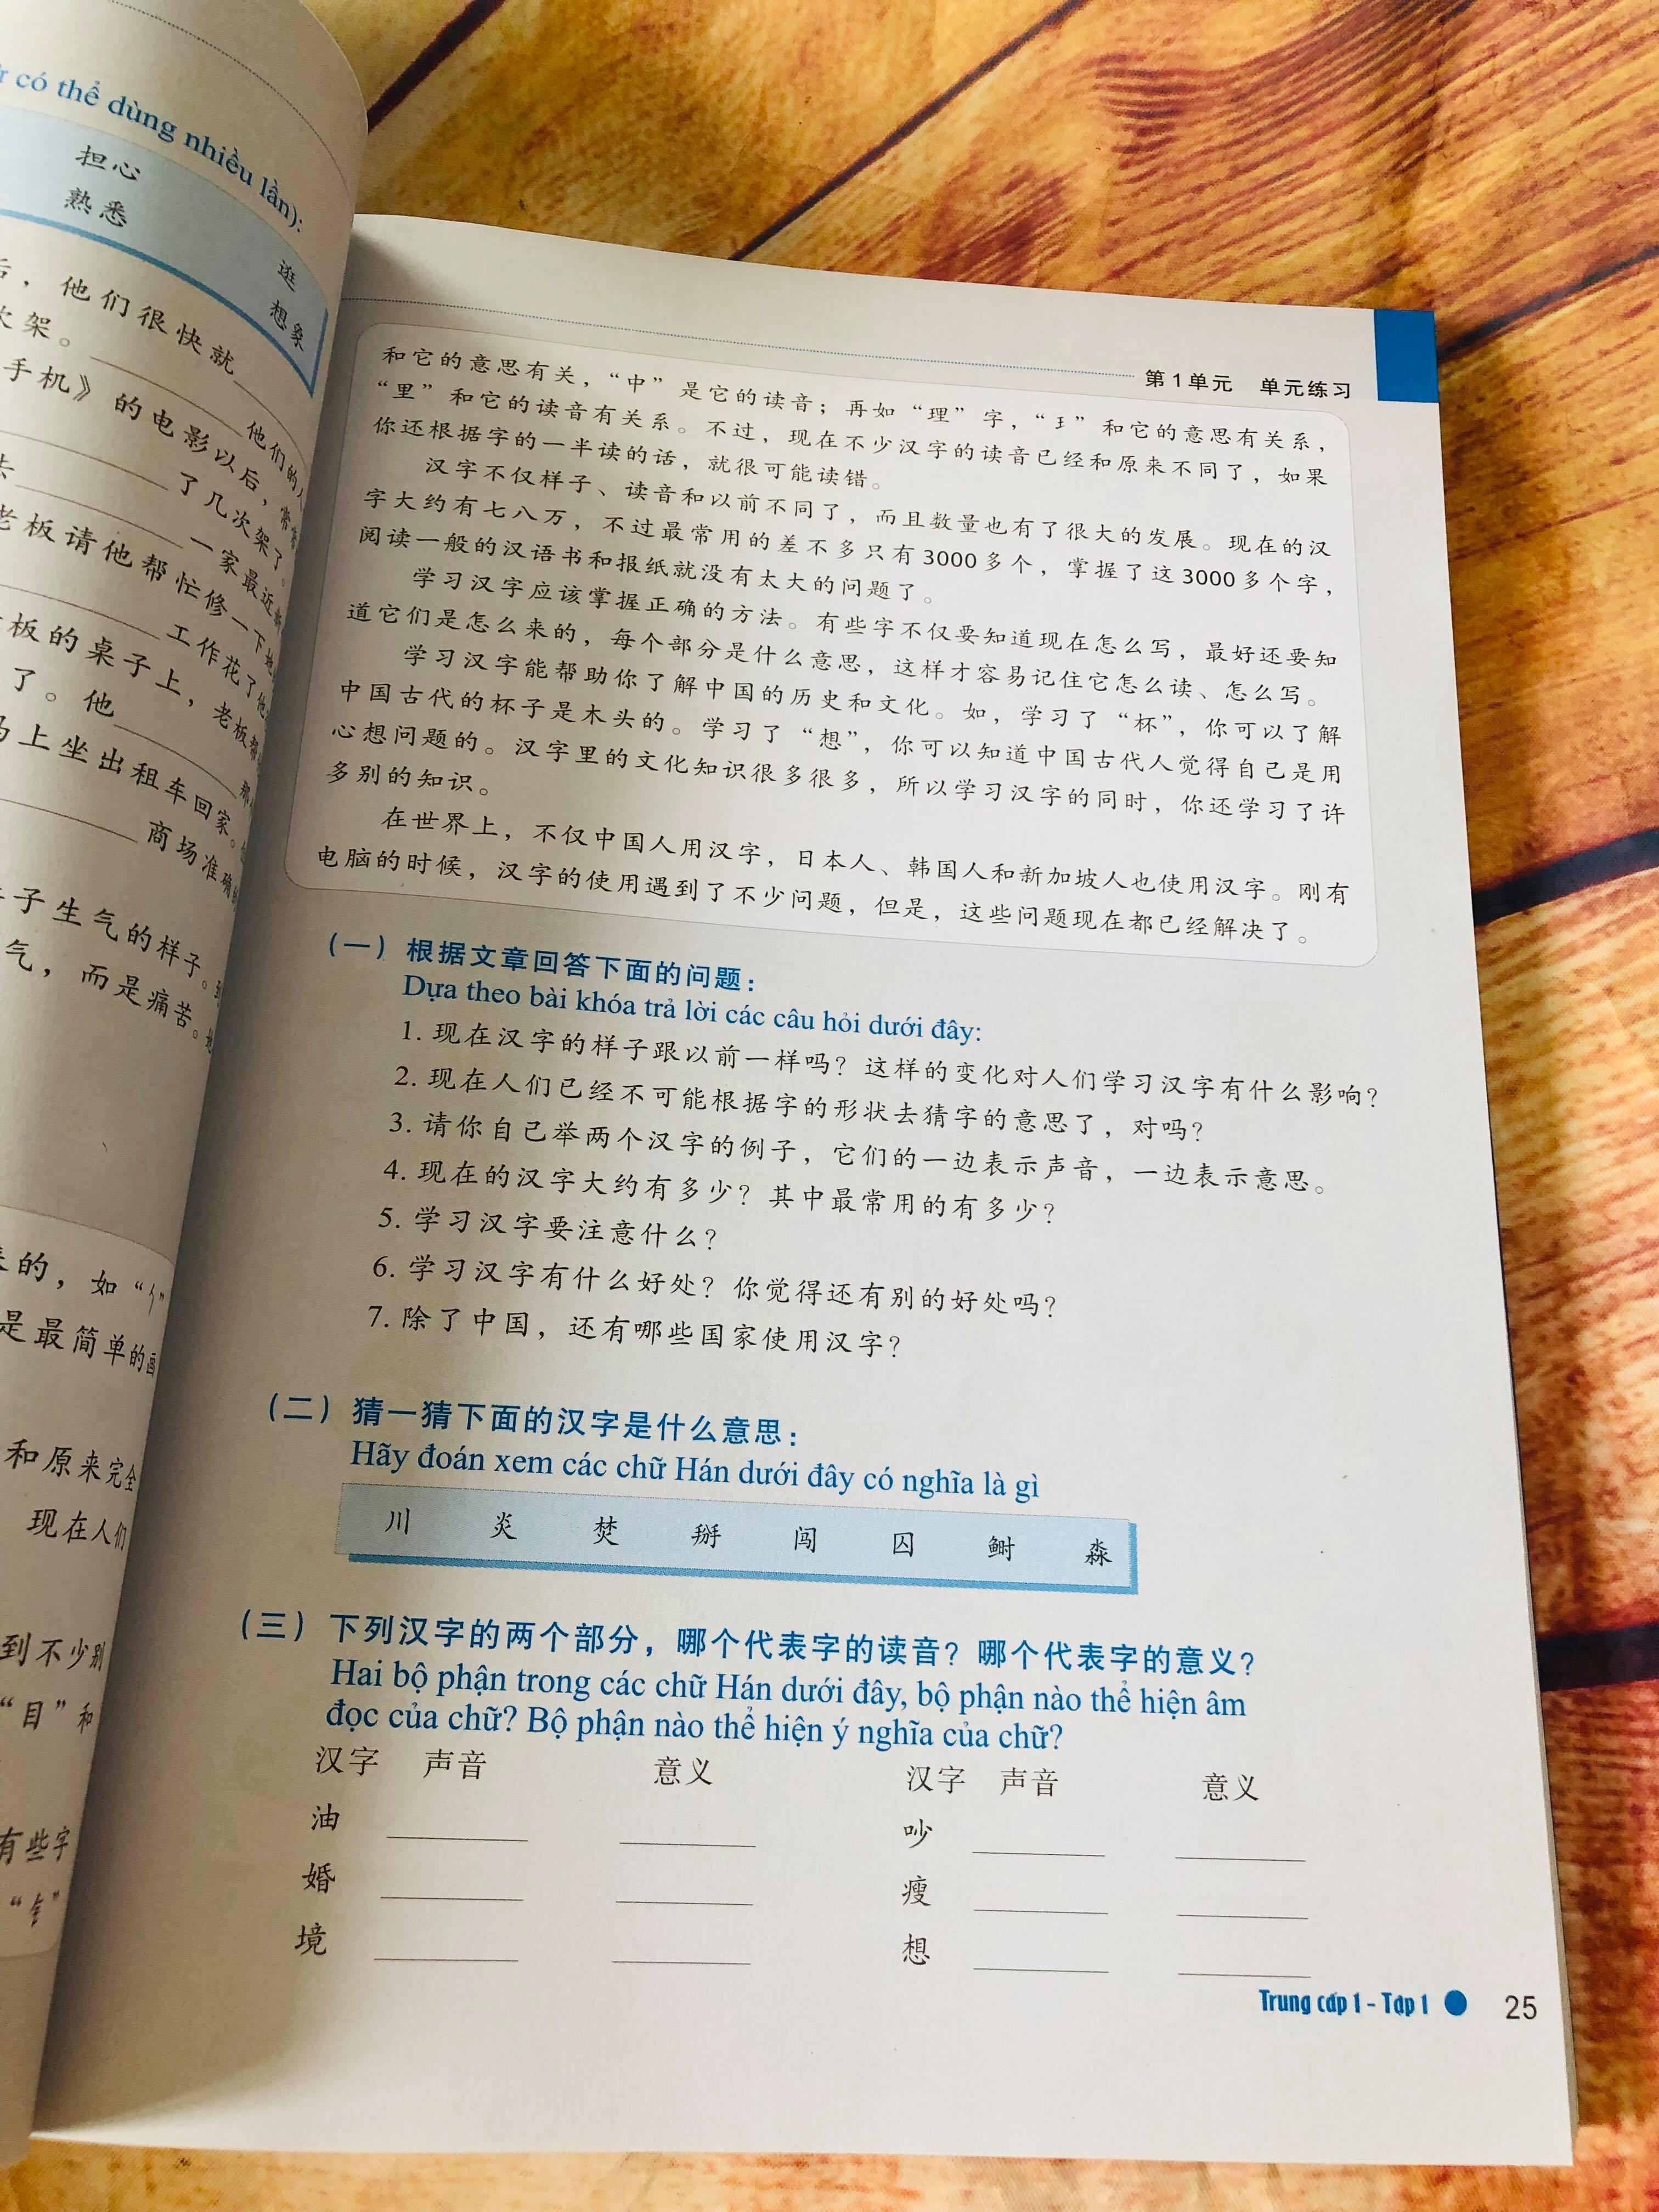 SÁCH - Giáo trình Hán ngữ Boya Trung cấp I – tập 1 - 4